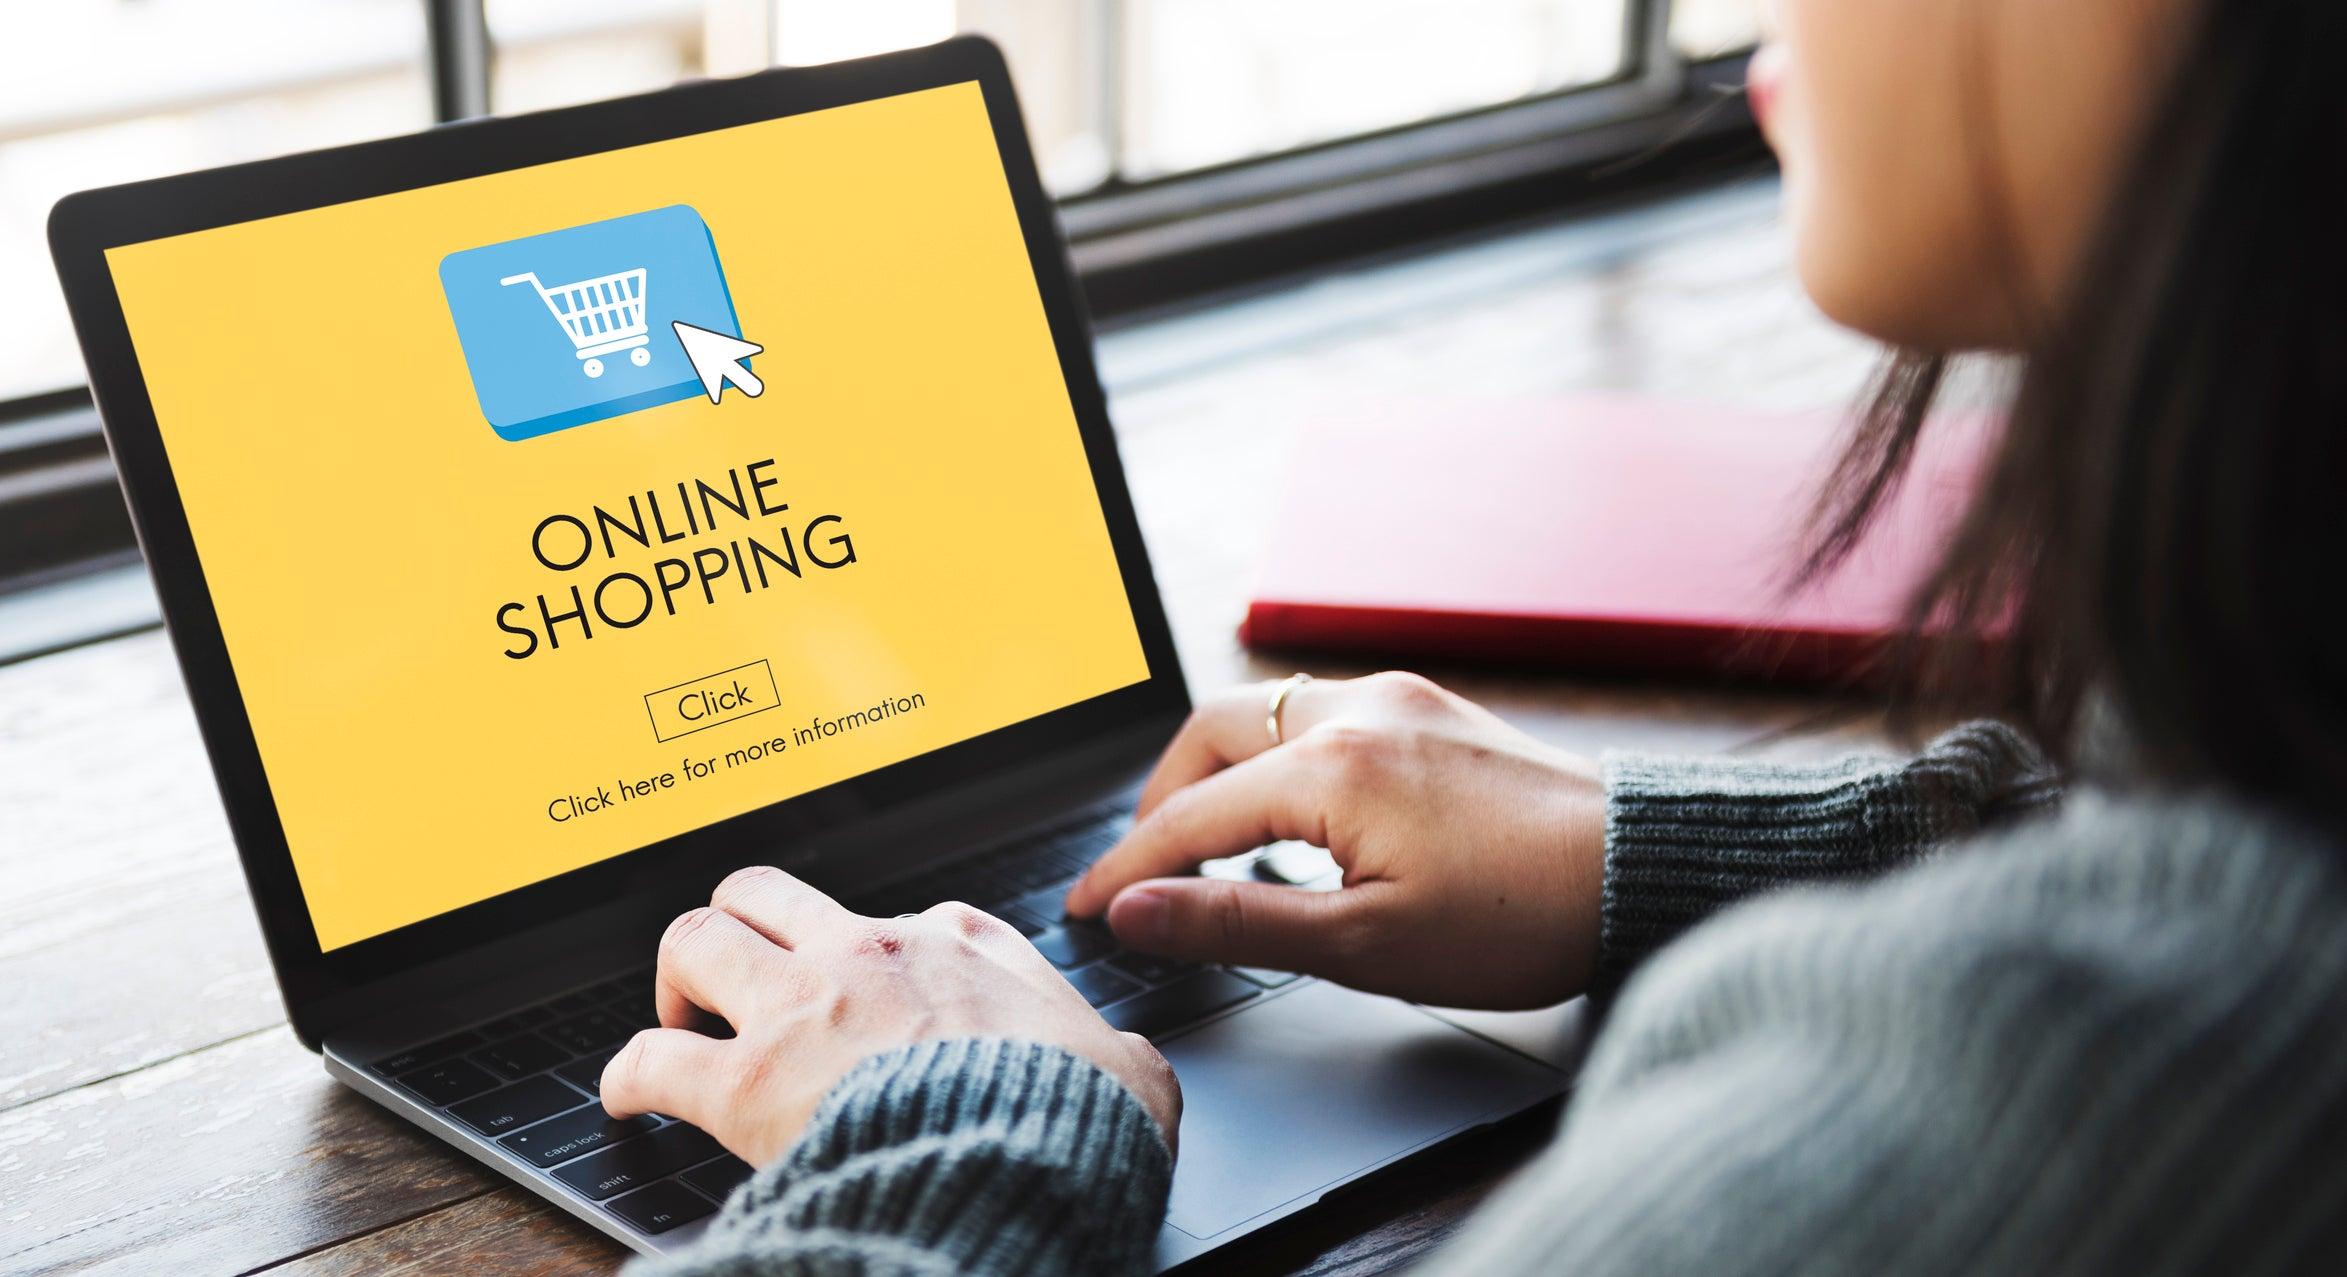 کسب و کارهای آنلاین و فروش بالا در بحران کرونا